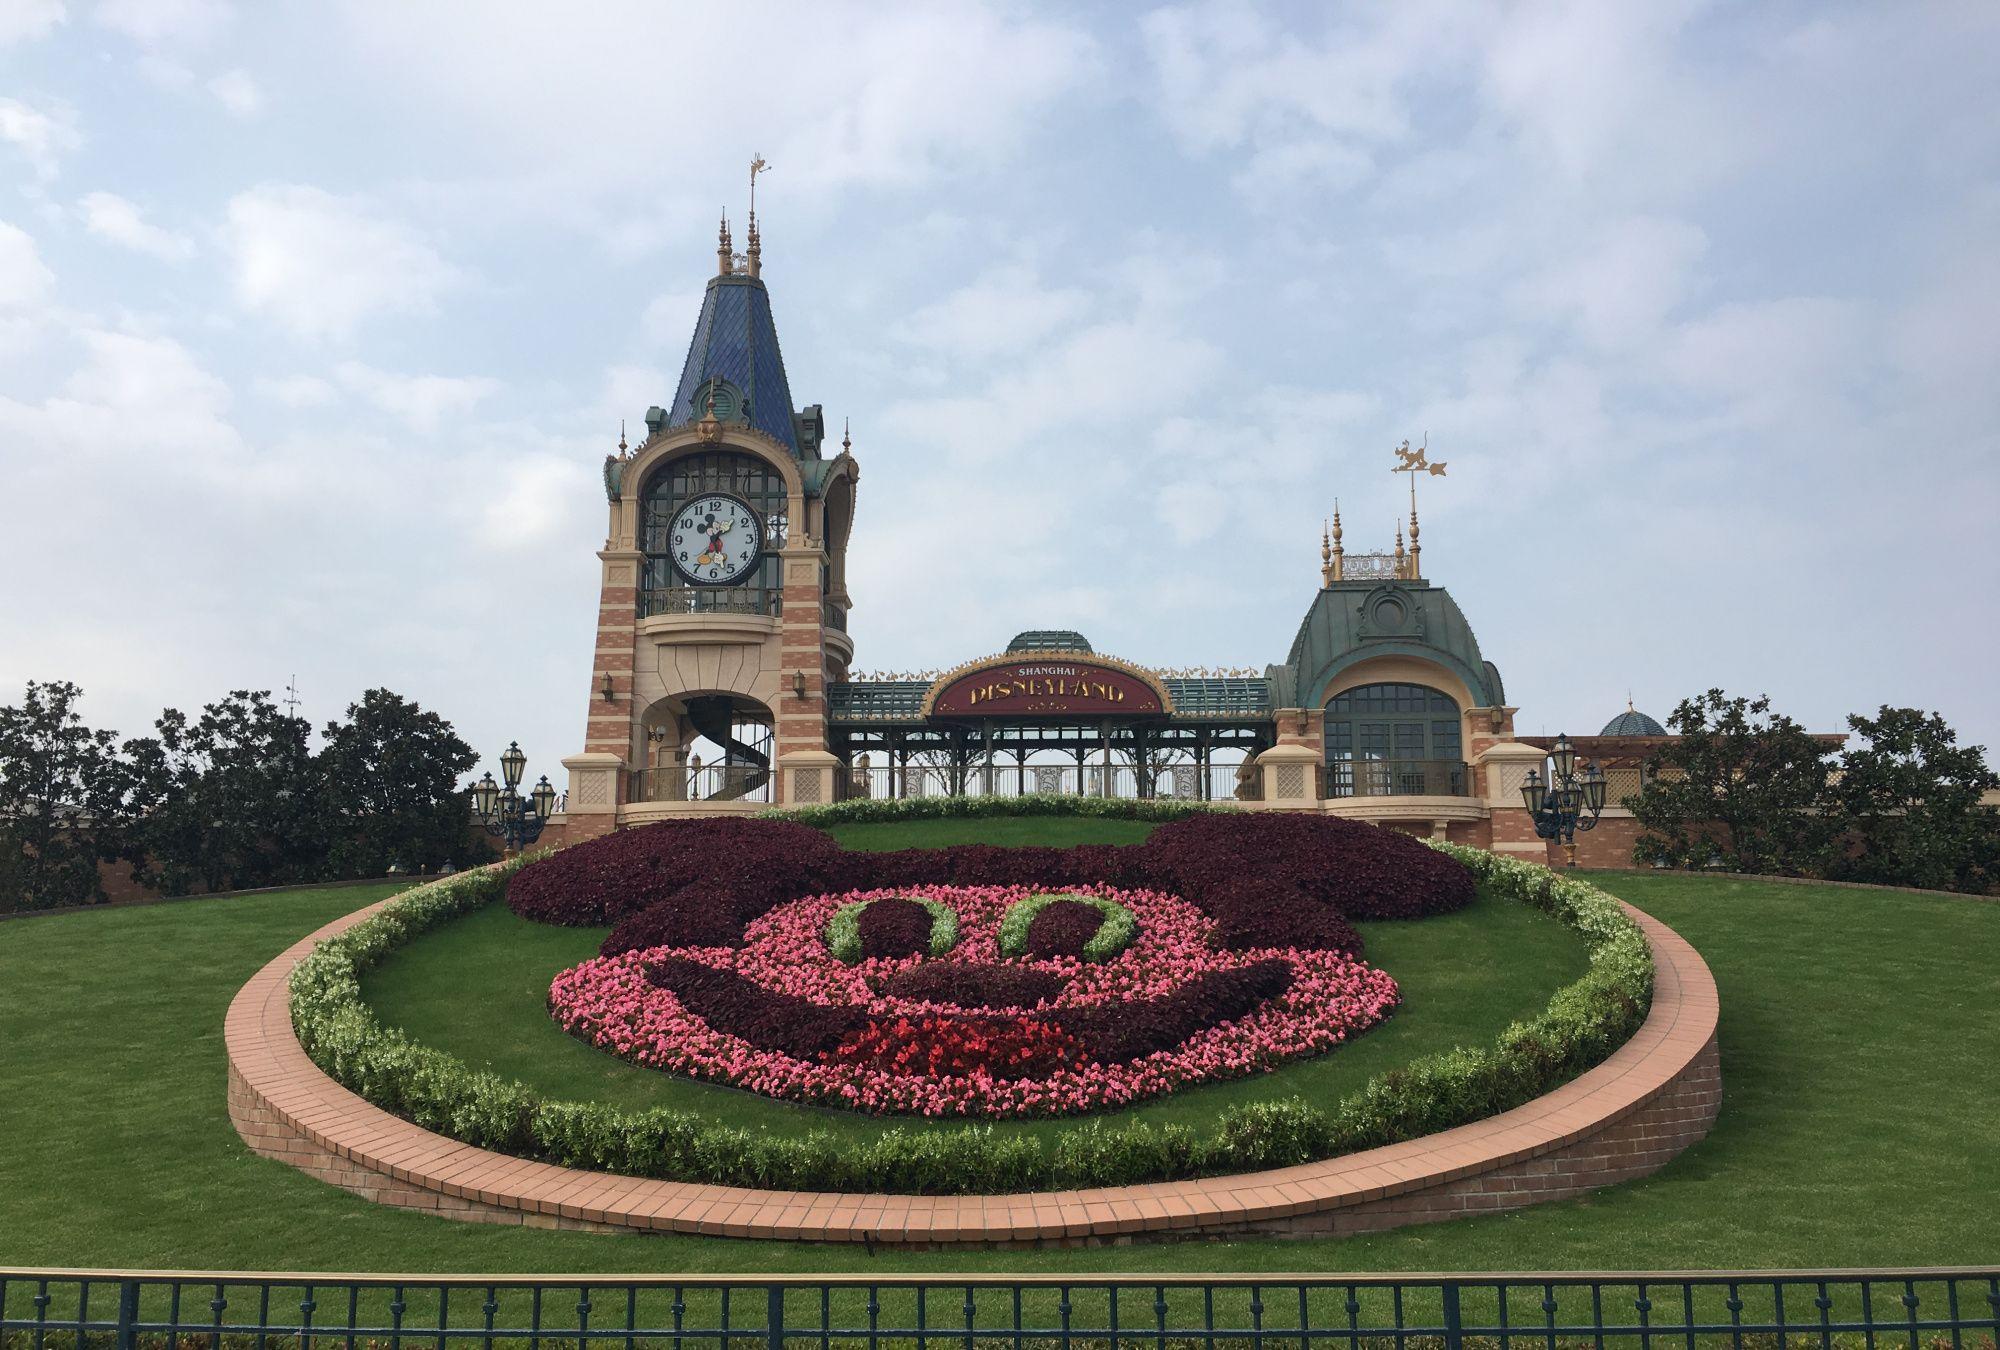 上海迪士尼主题乐园,你还会去吗?